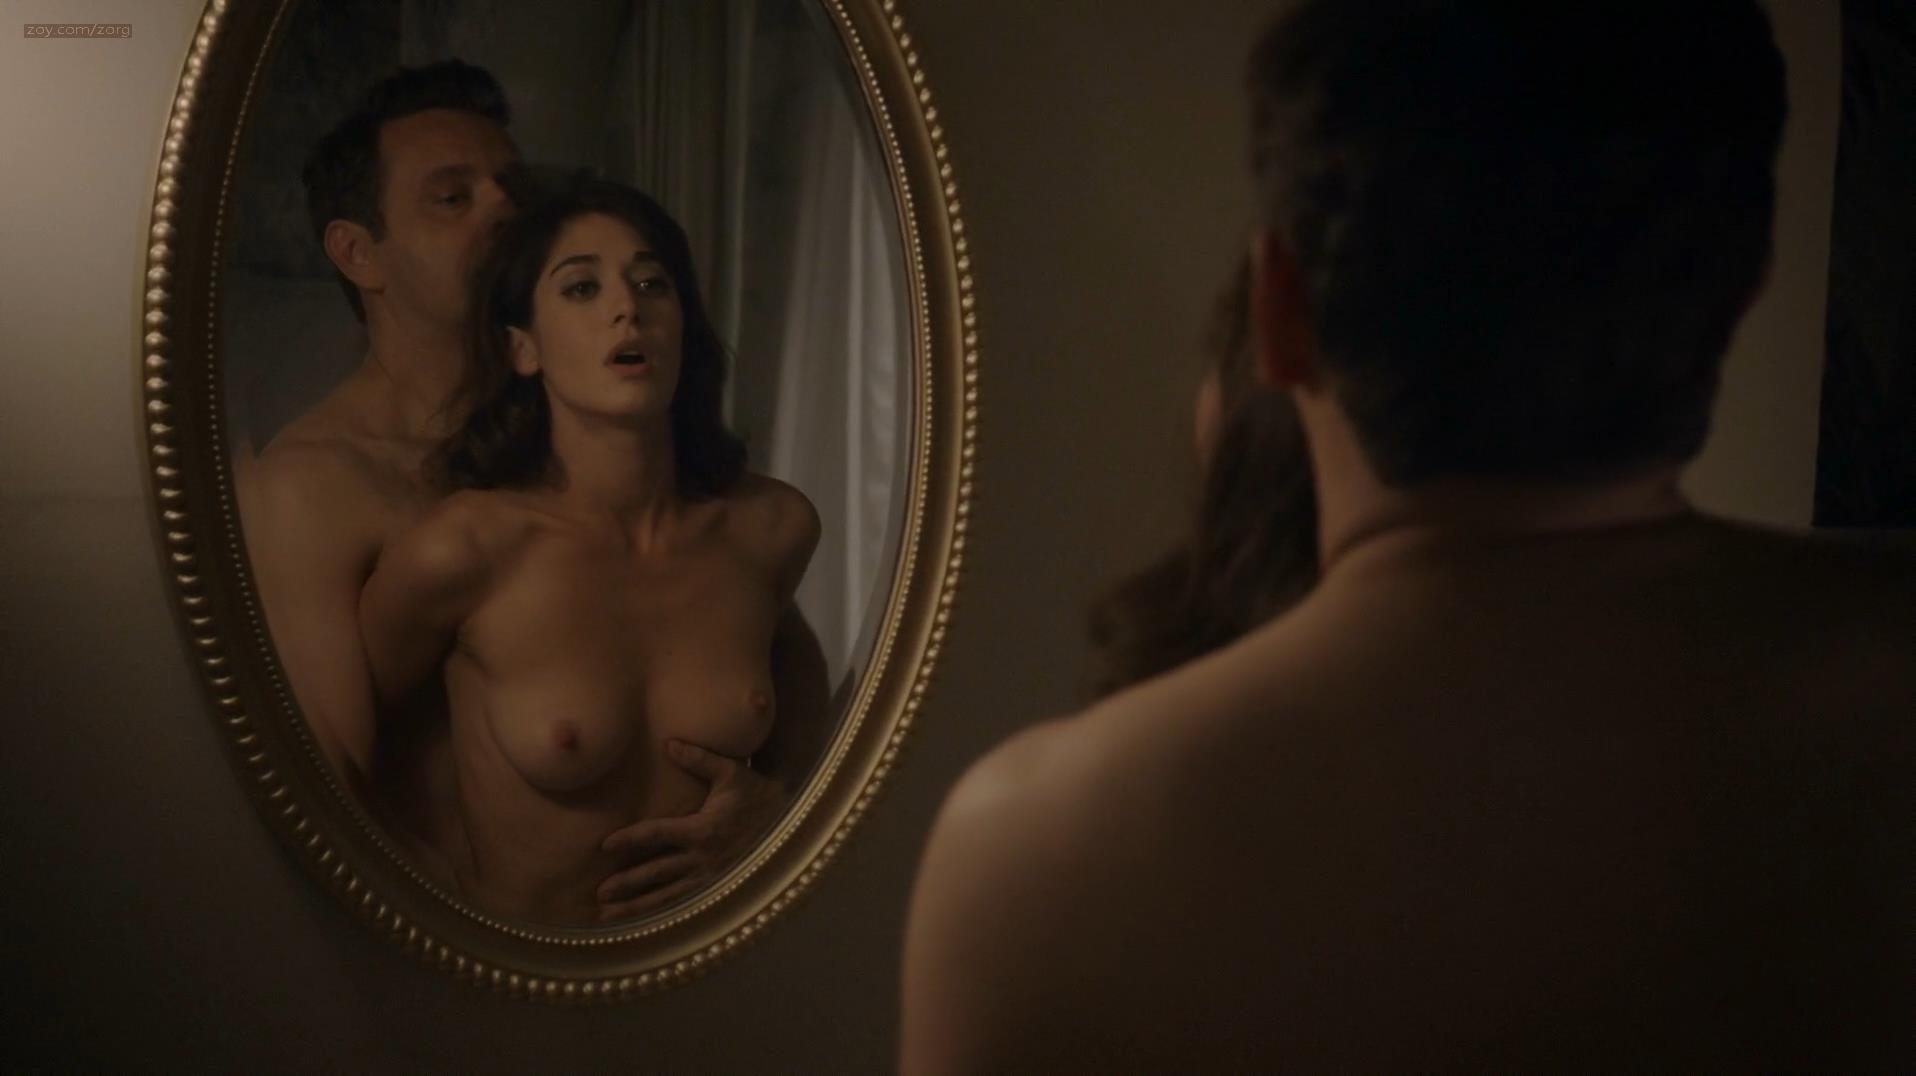 Betsy brandt nude